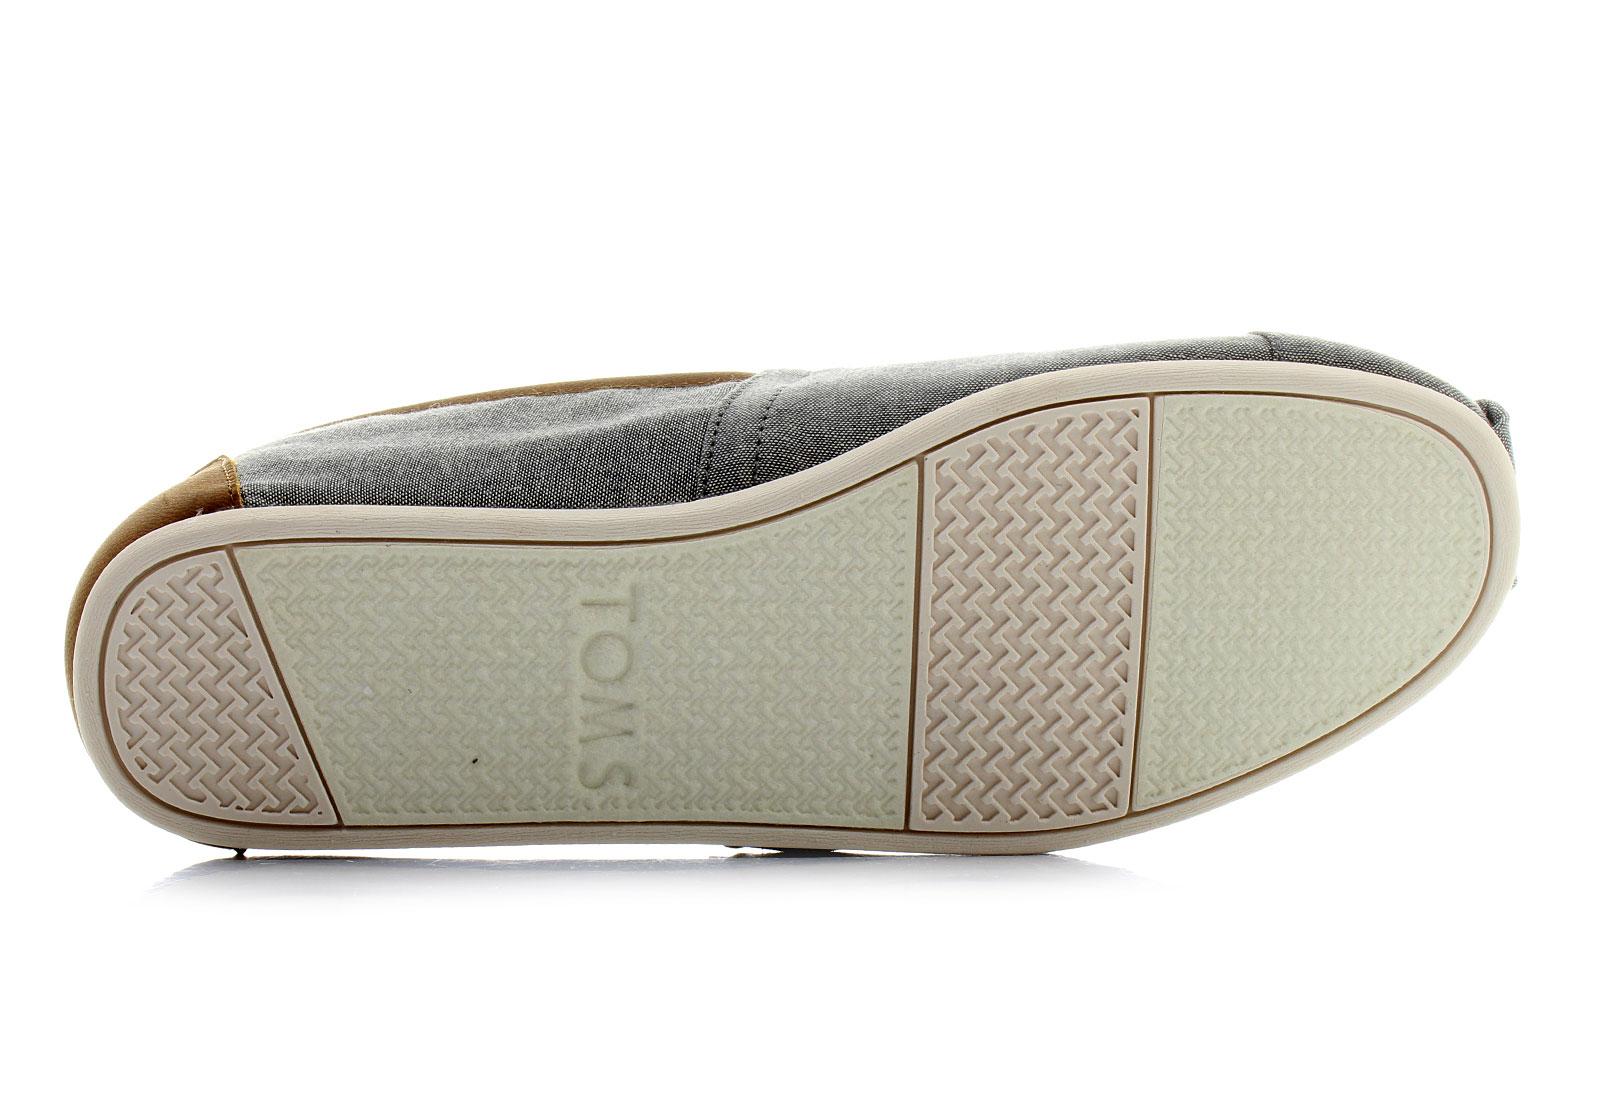 4f62151eef7 Toms Shoes - Alpargata Trim - 10008337-gry - Online shop for ...